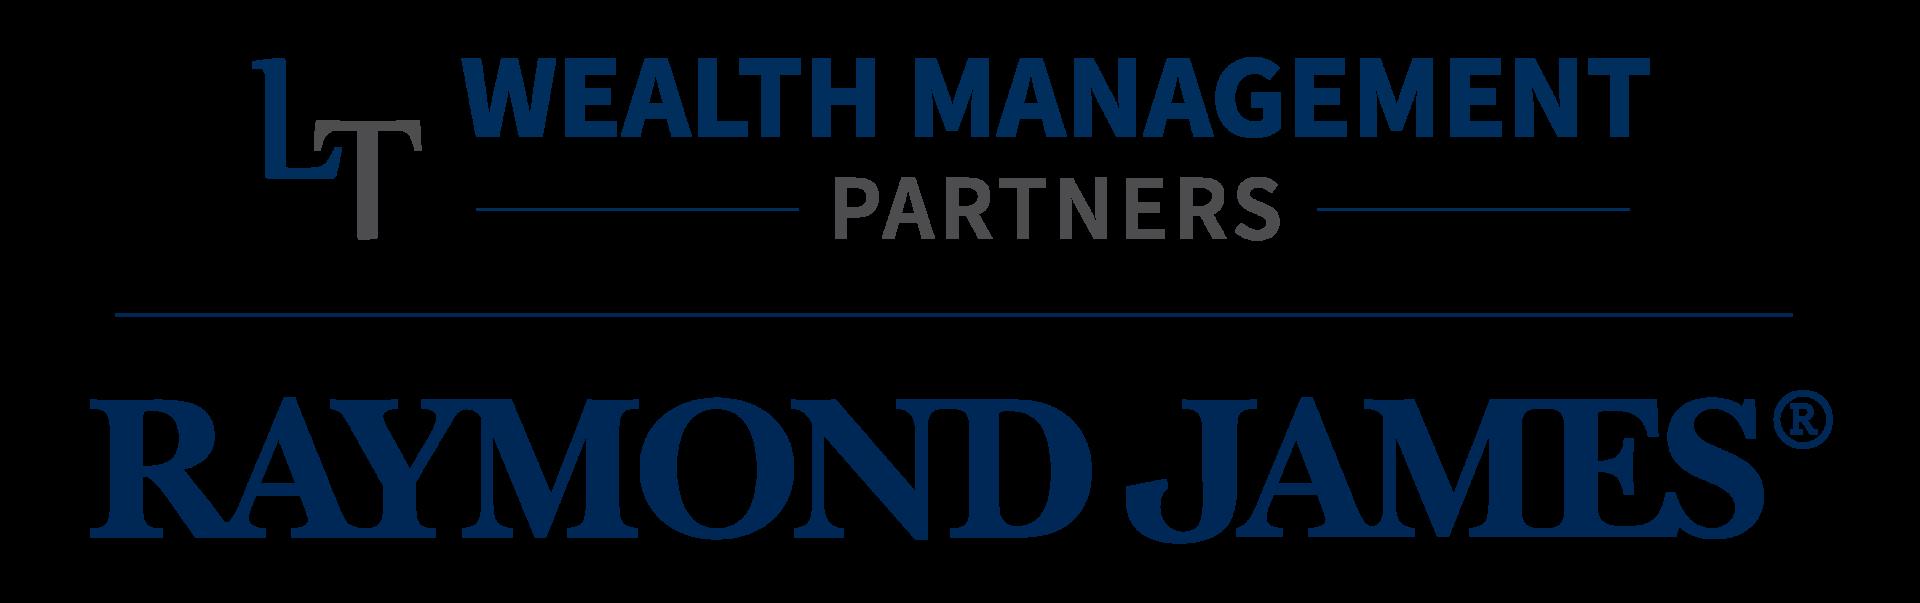 LT Wealth Raymond James Co-branded Logo